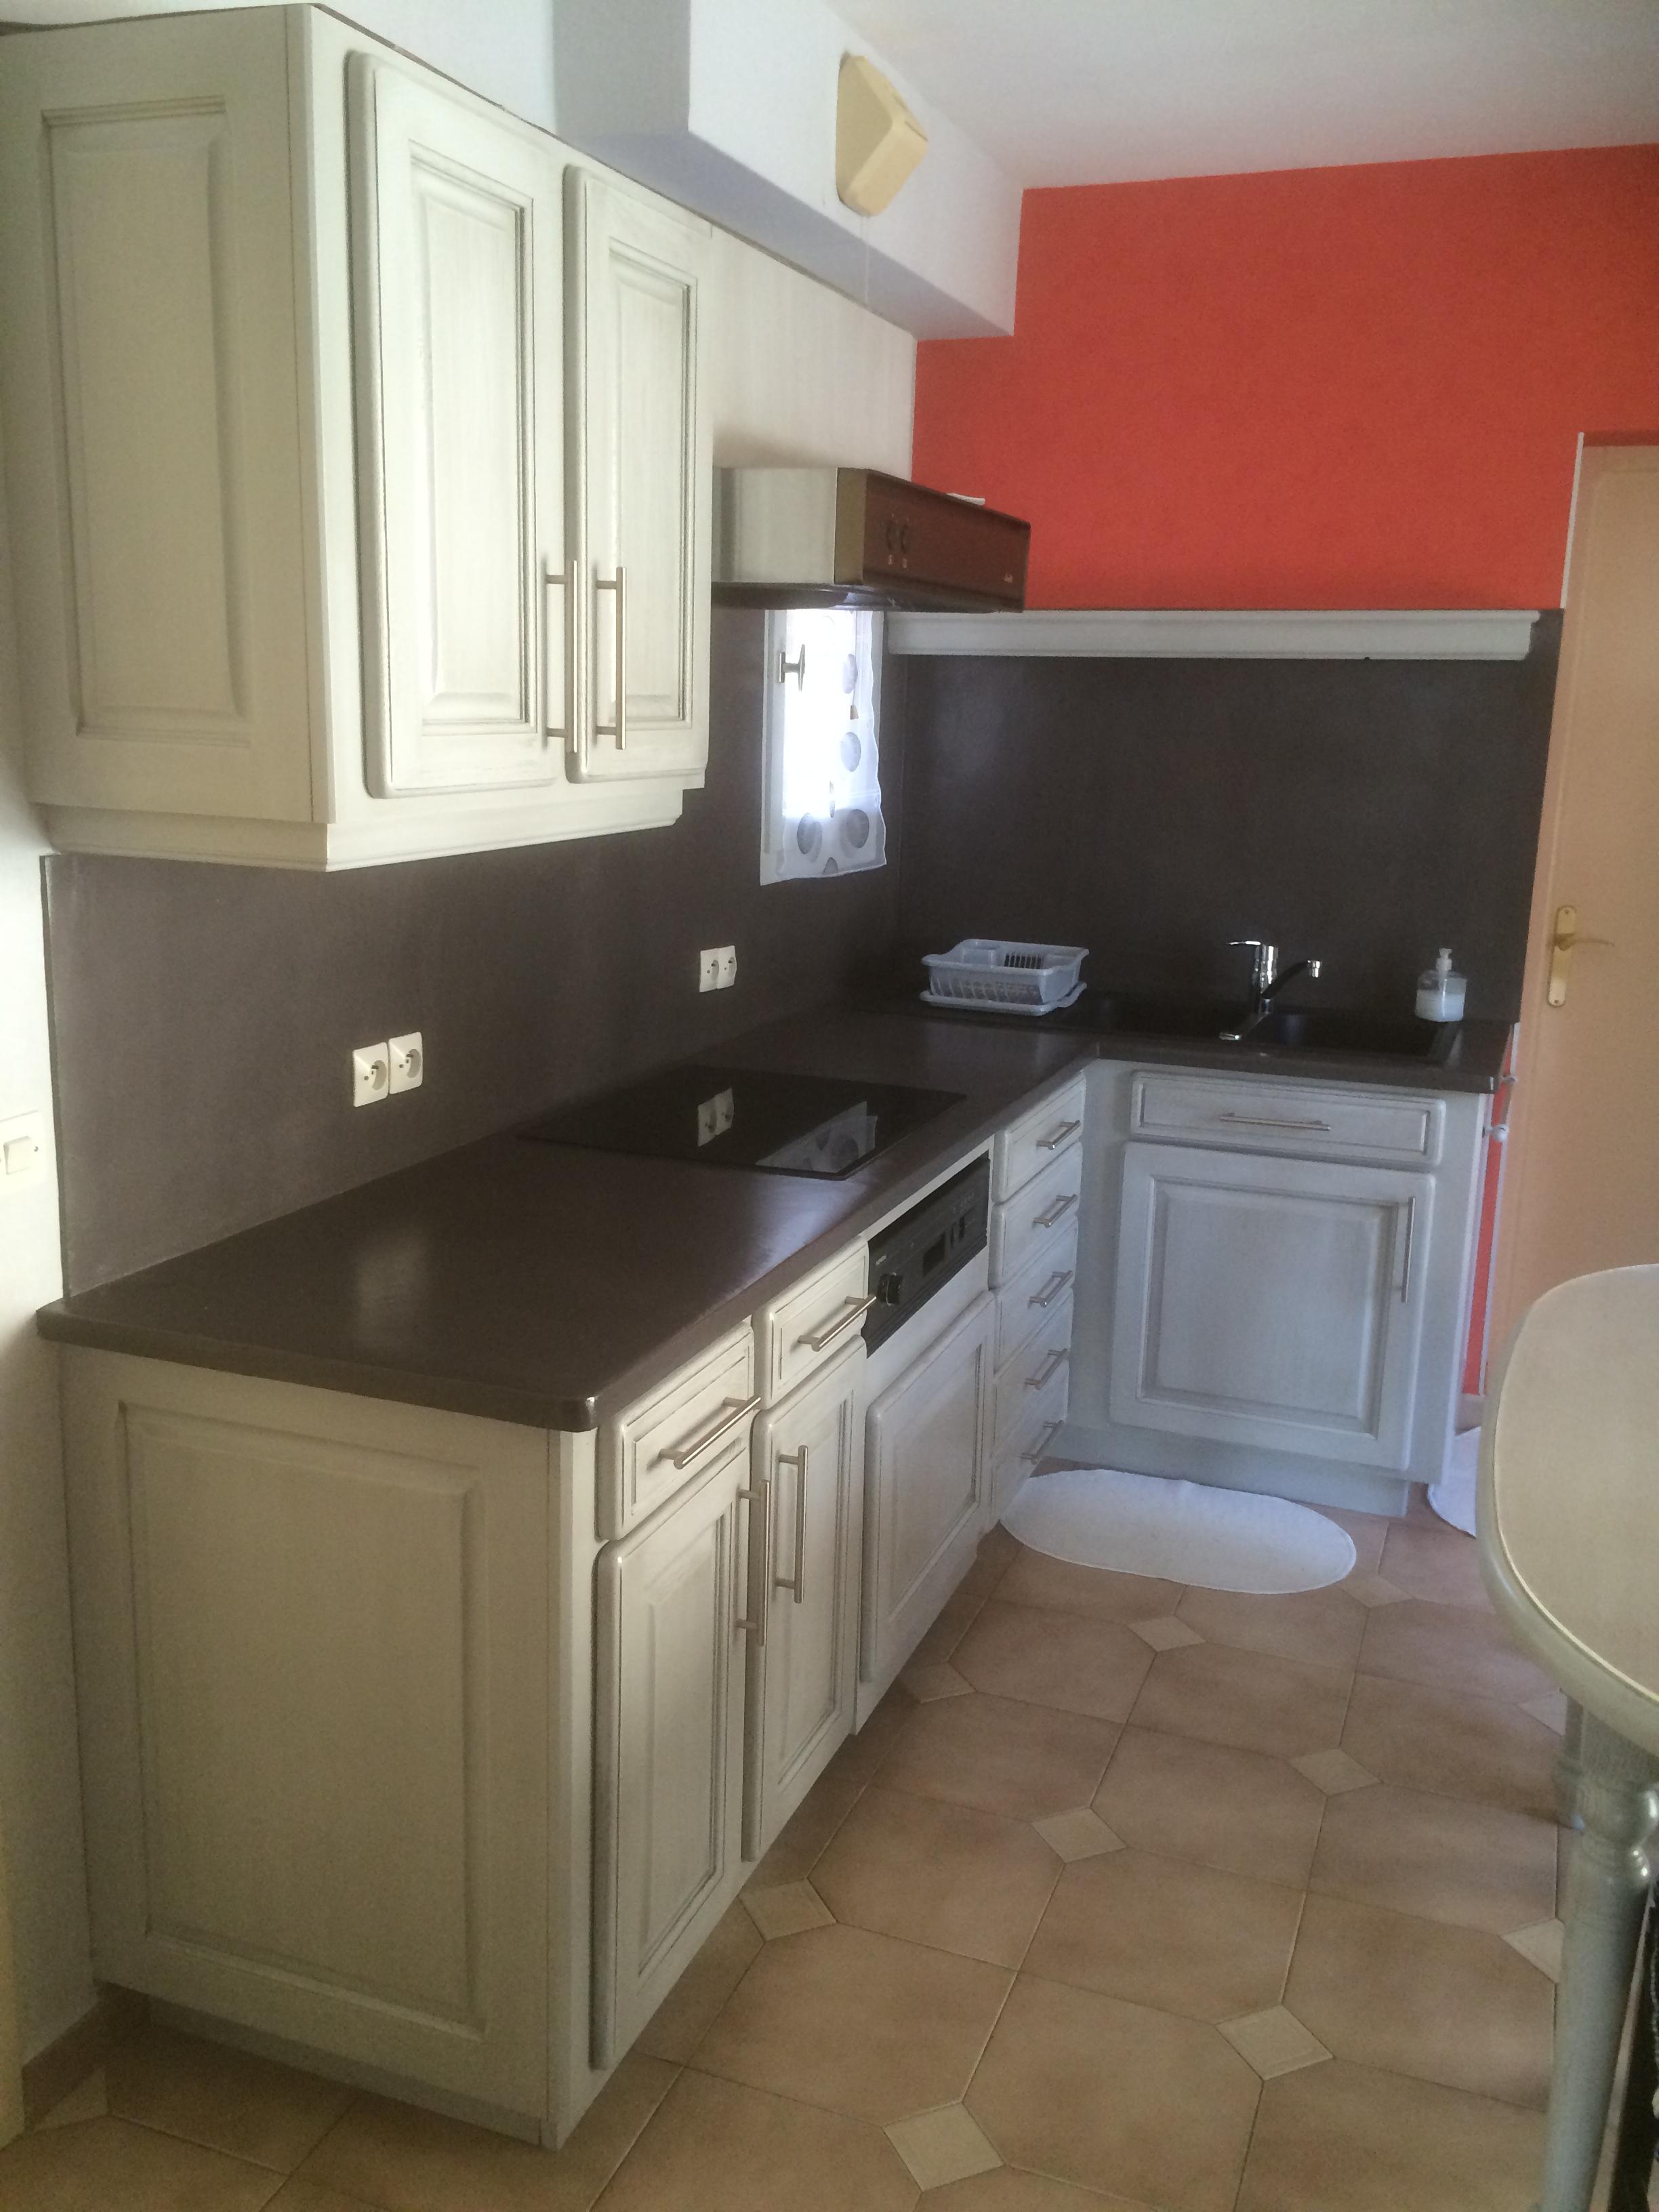 r alisations relooking d 39 une cuisine en ch ne avec r novation du plan de travail n mes. Black Bedroom Furniture Sets. Home Design Ideas